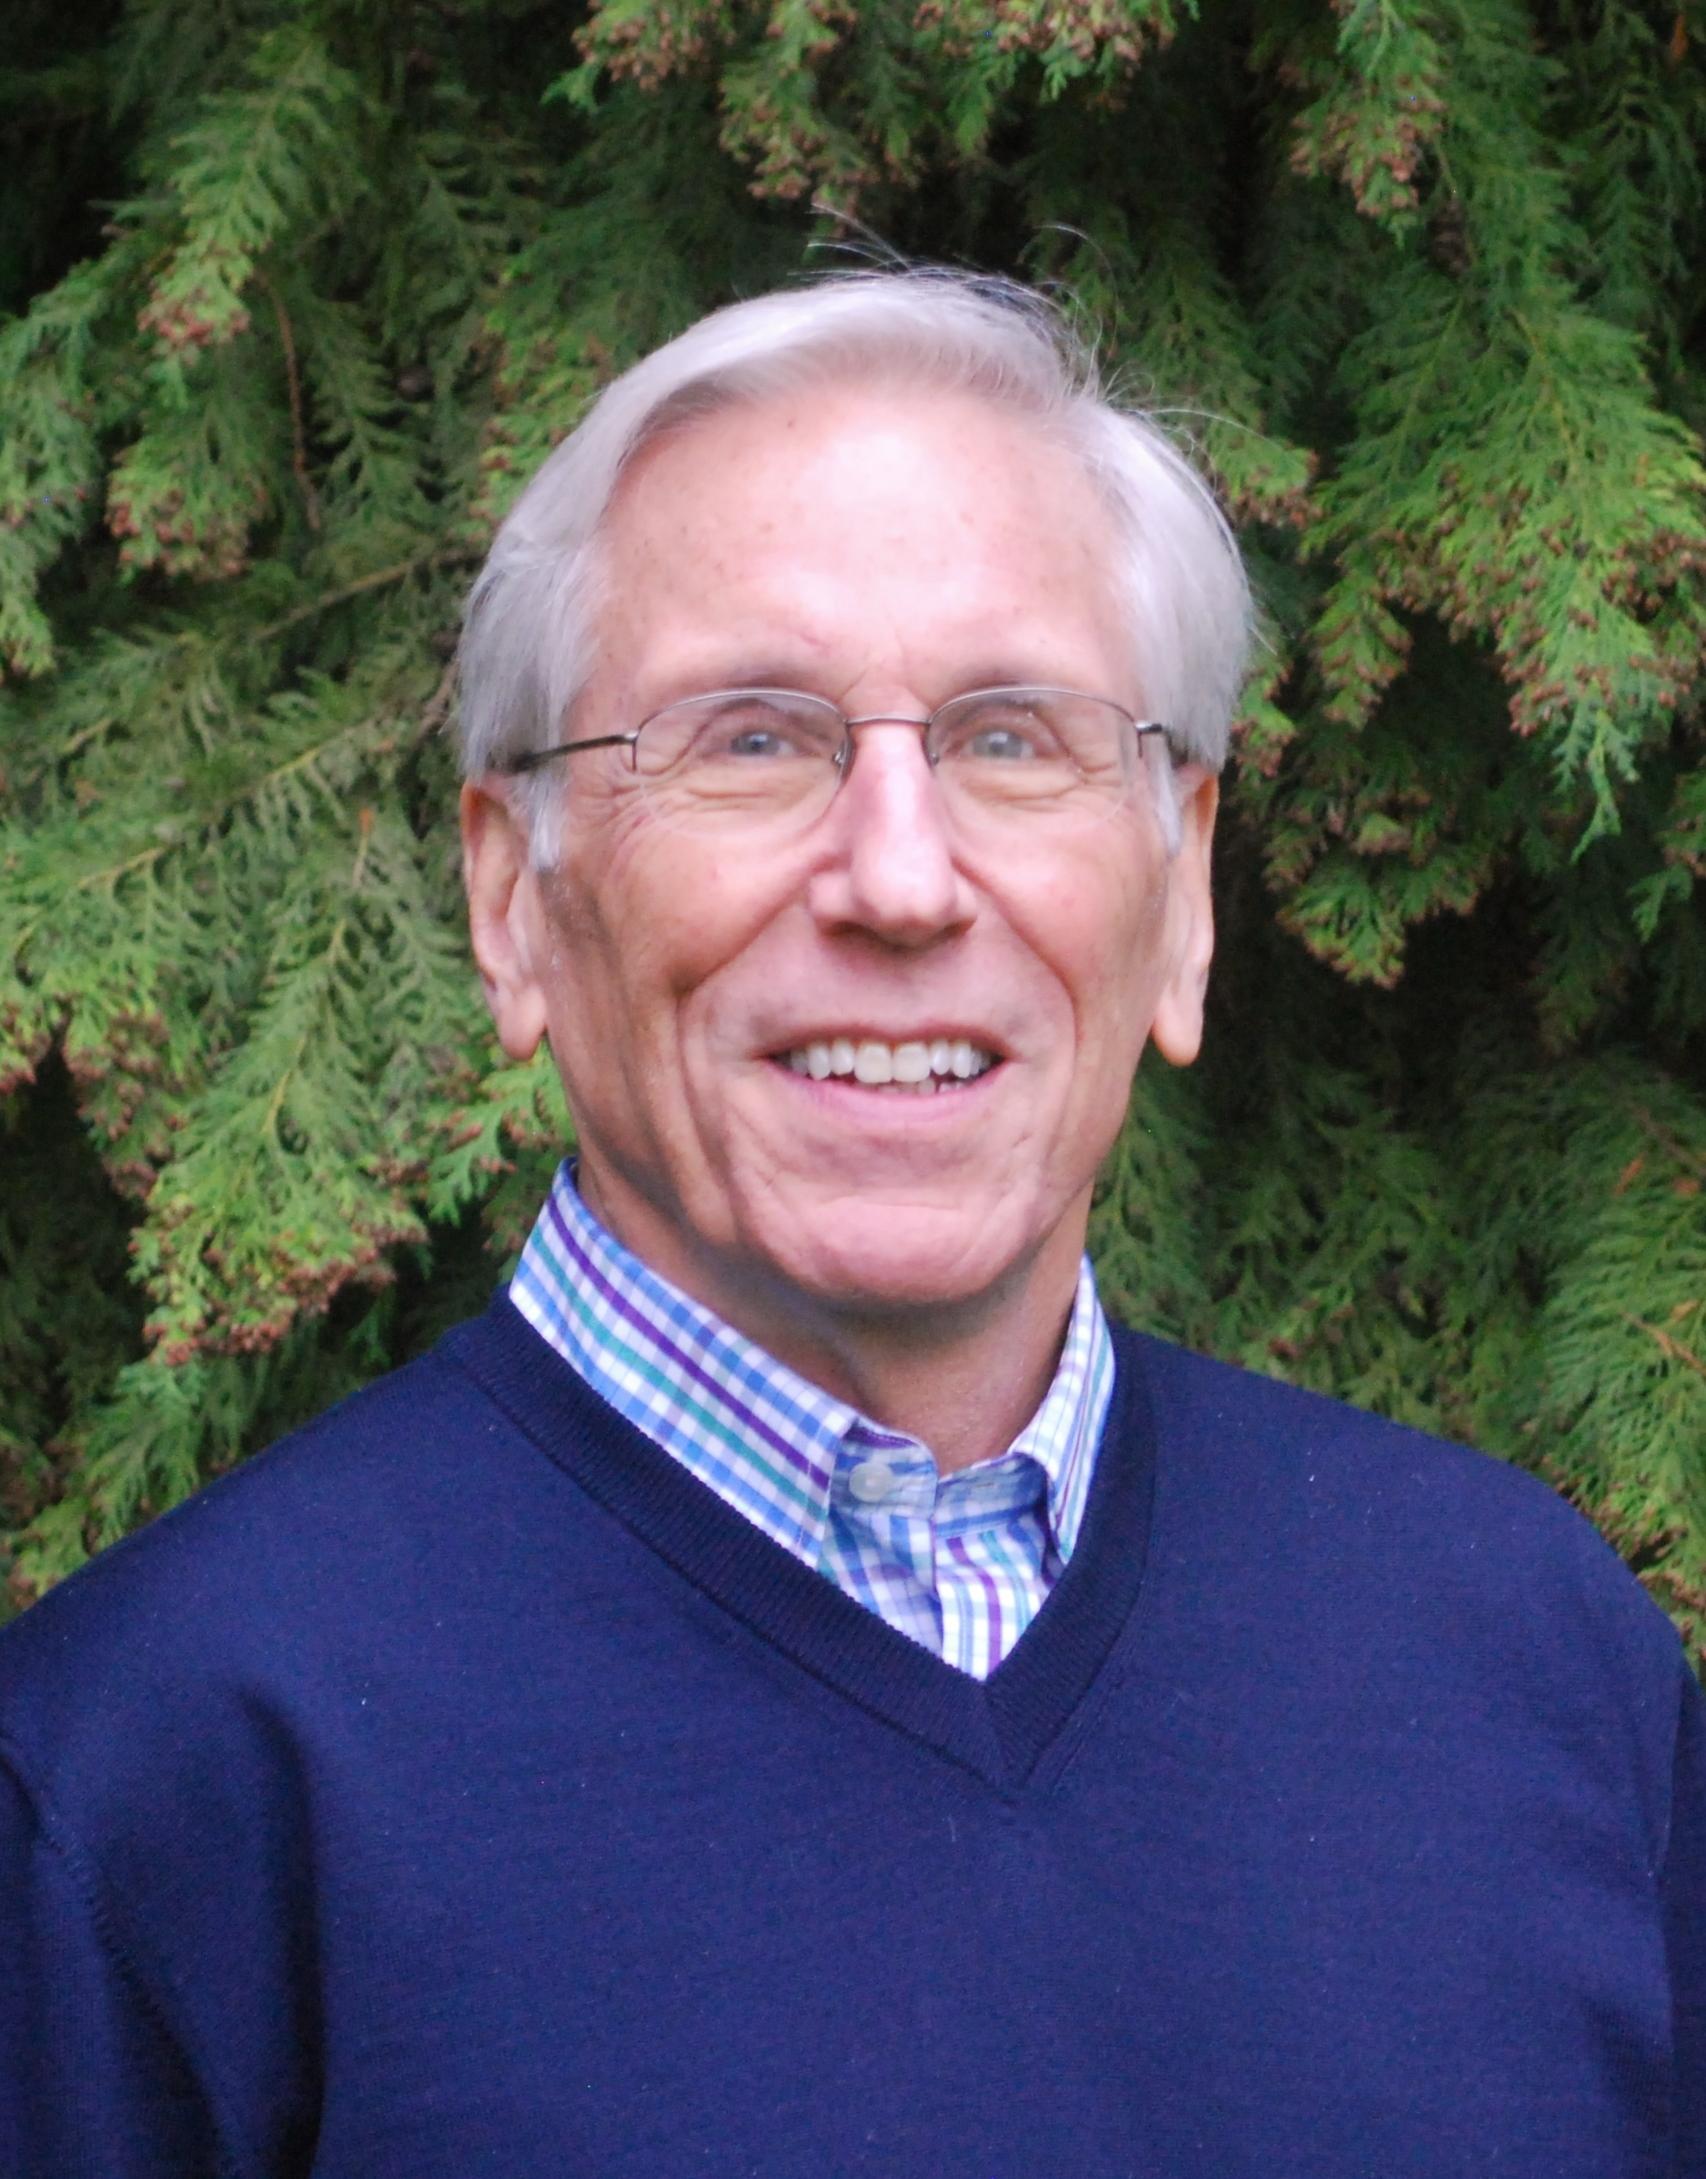 Jim Stanton